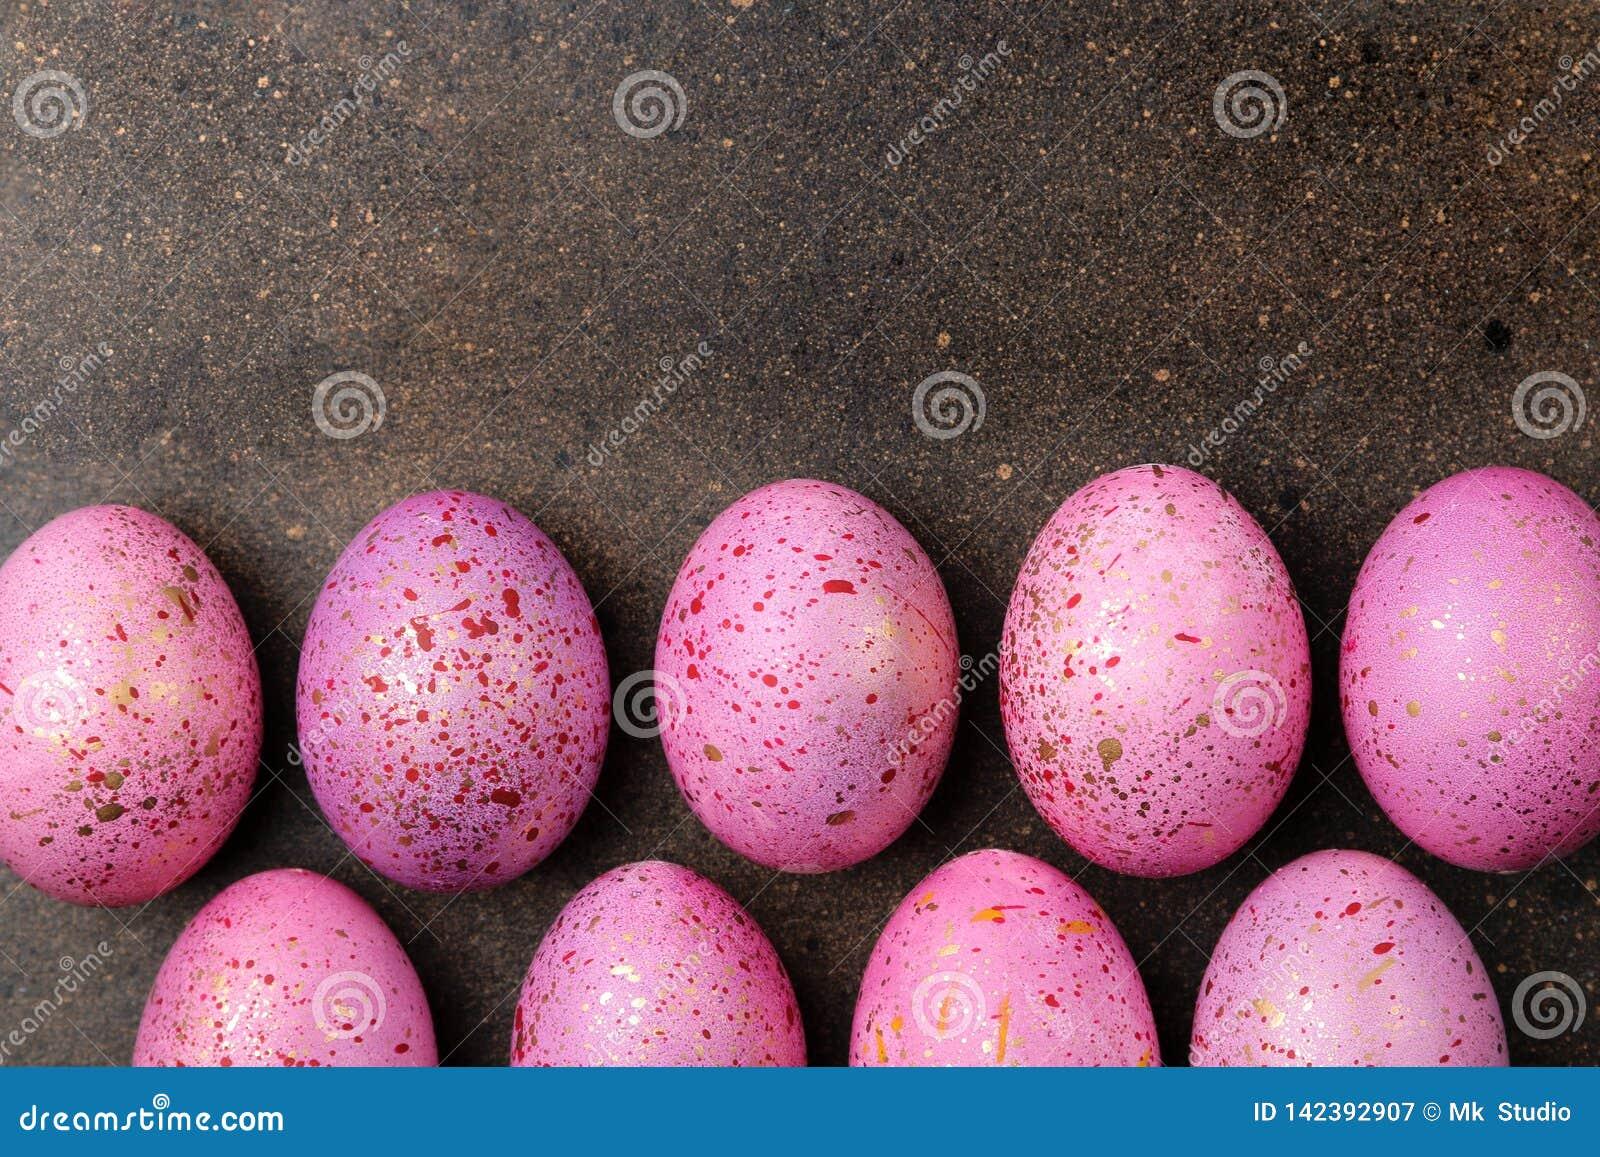 Pasqua uova di Pasqua rosa su fondo scuro Pagina delle uova Pasqua felice feste Vista superiore Posto libero